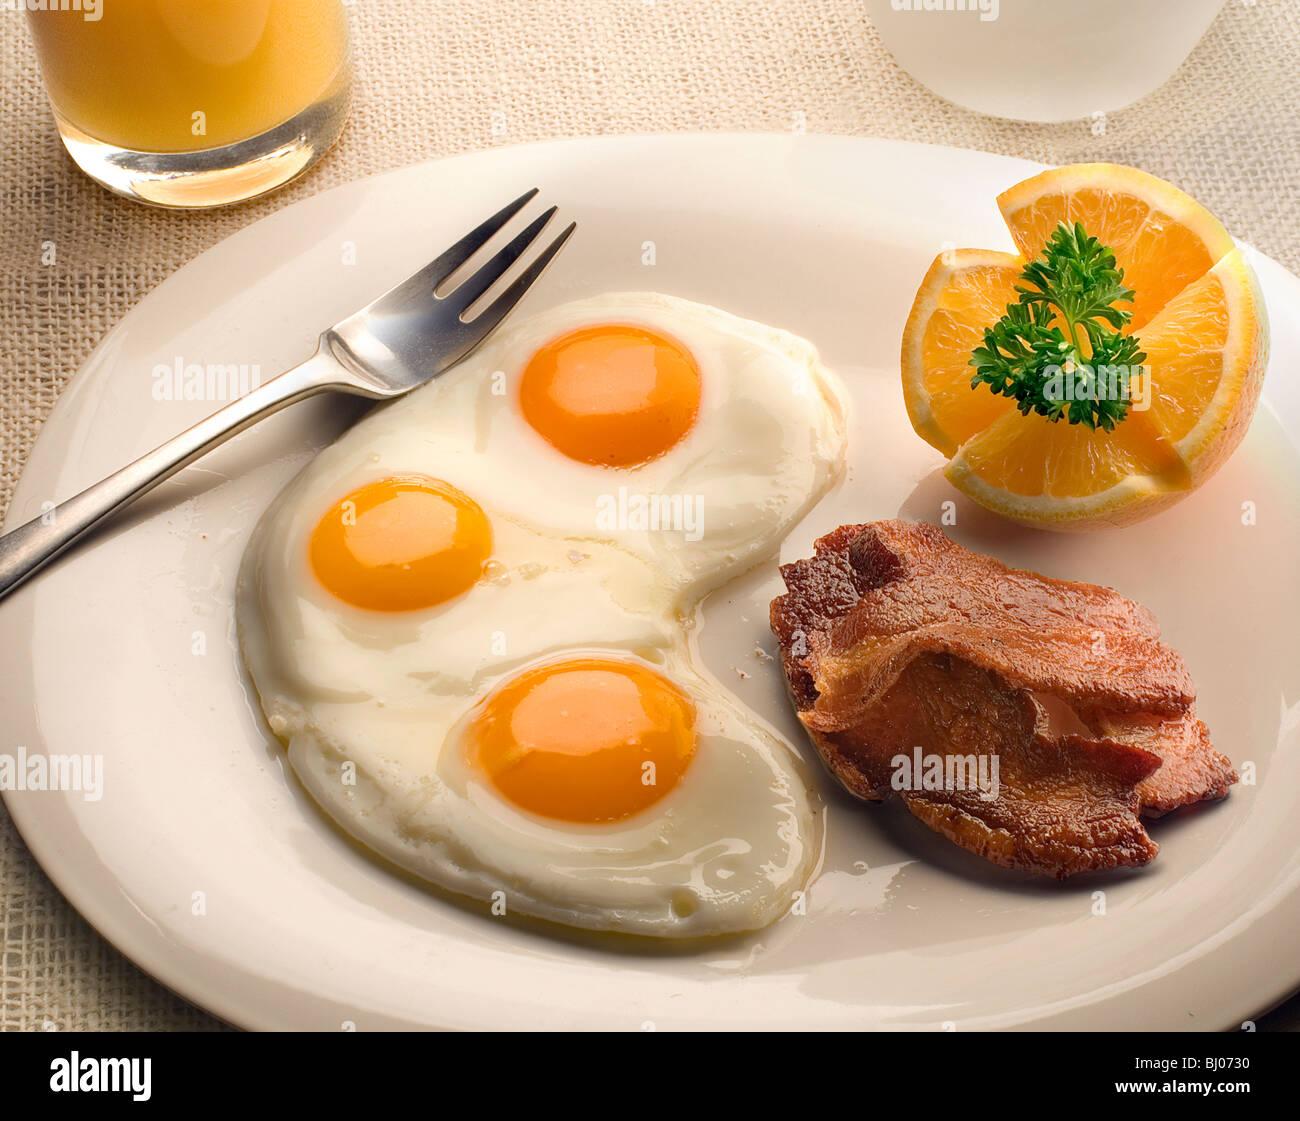 huevos con tocino Imagen De Stock